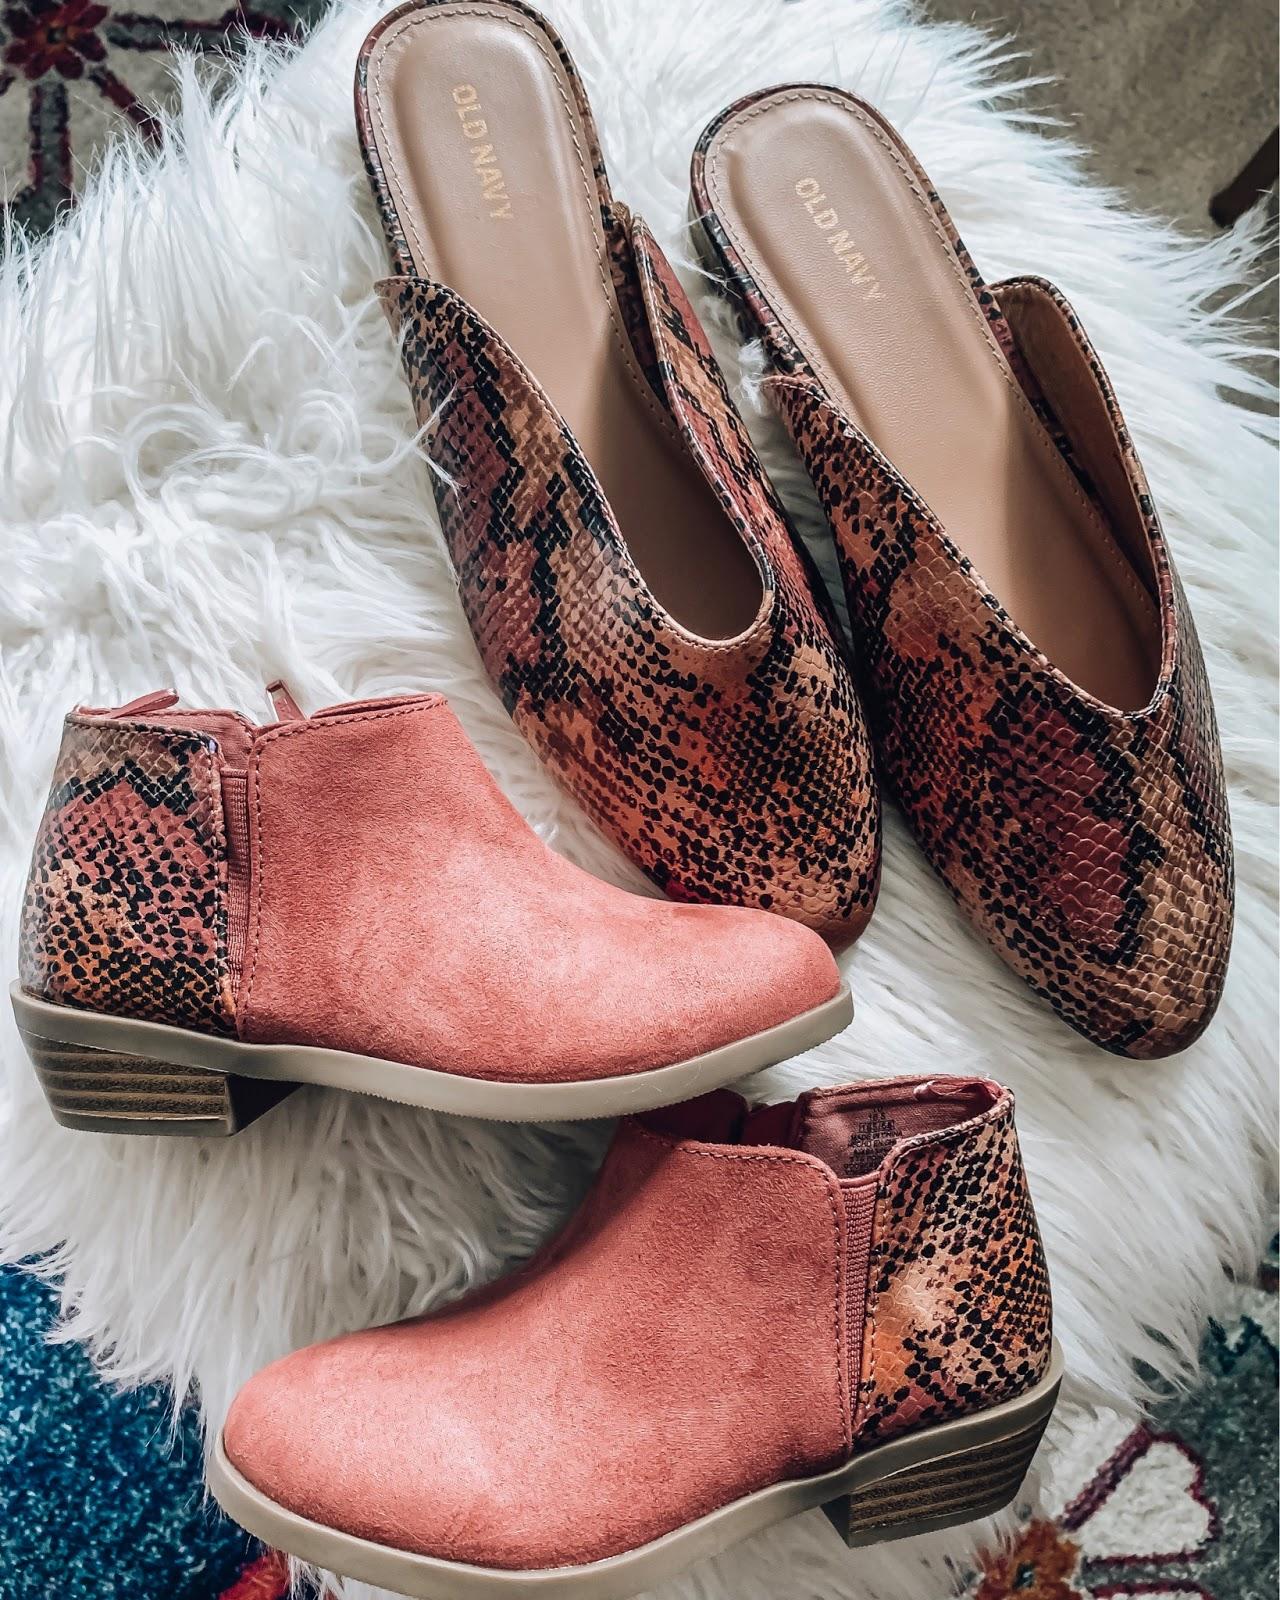 Old Navy Mommy and Me Snake Print Shoes - Somethig Delightful Blog #affordablefashion